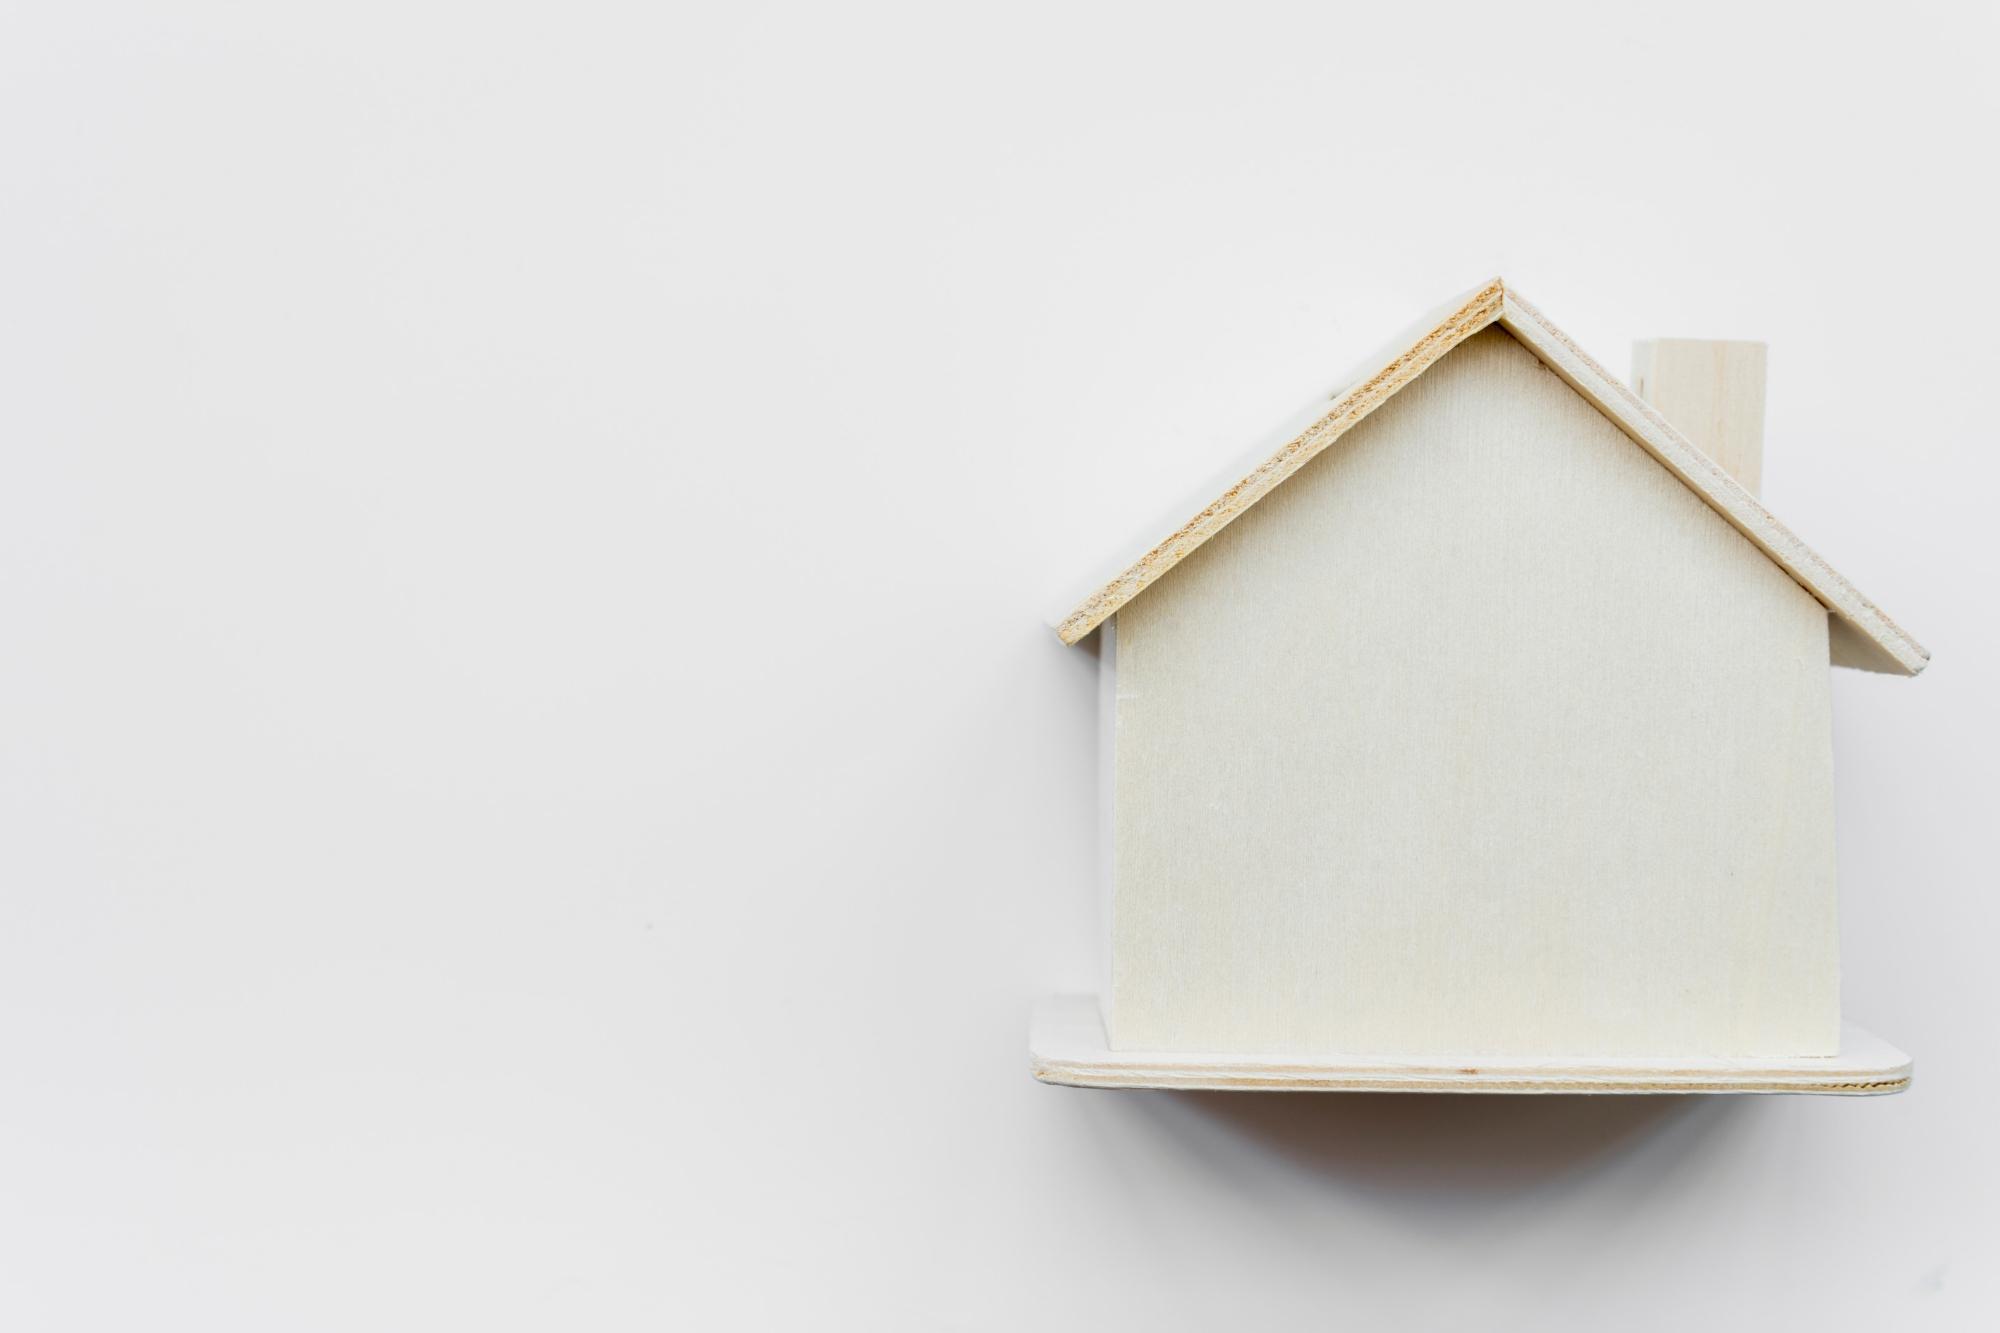 És Definitiu El Nou Criteri Sobre Qui Paga Les Despeses Hipotecàries?